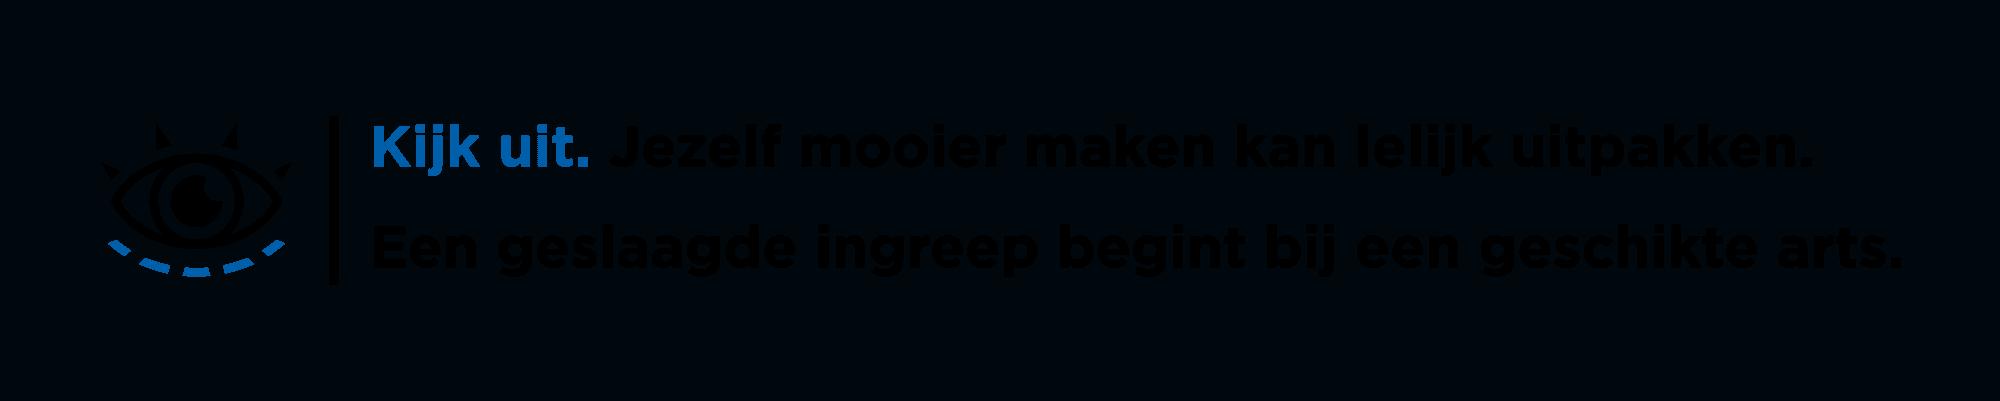 CosmetischeIngrepen_Beeldmerk-Hoofdzin-Bijzin_RGB_2018